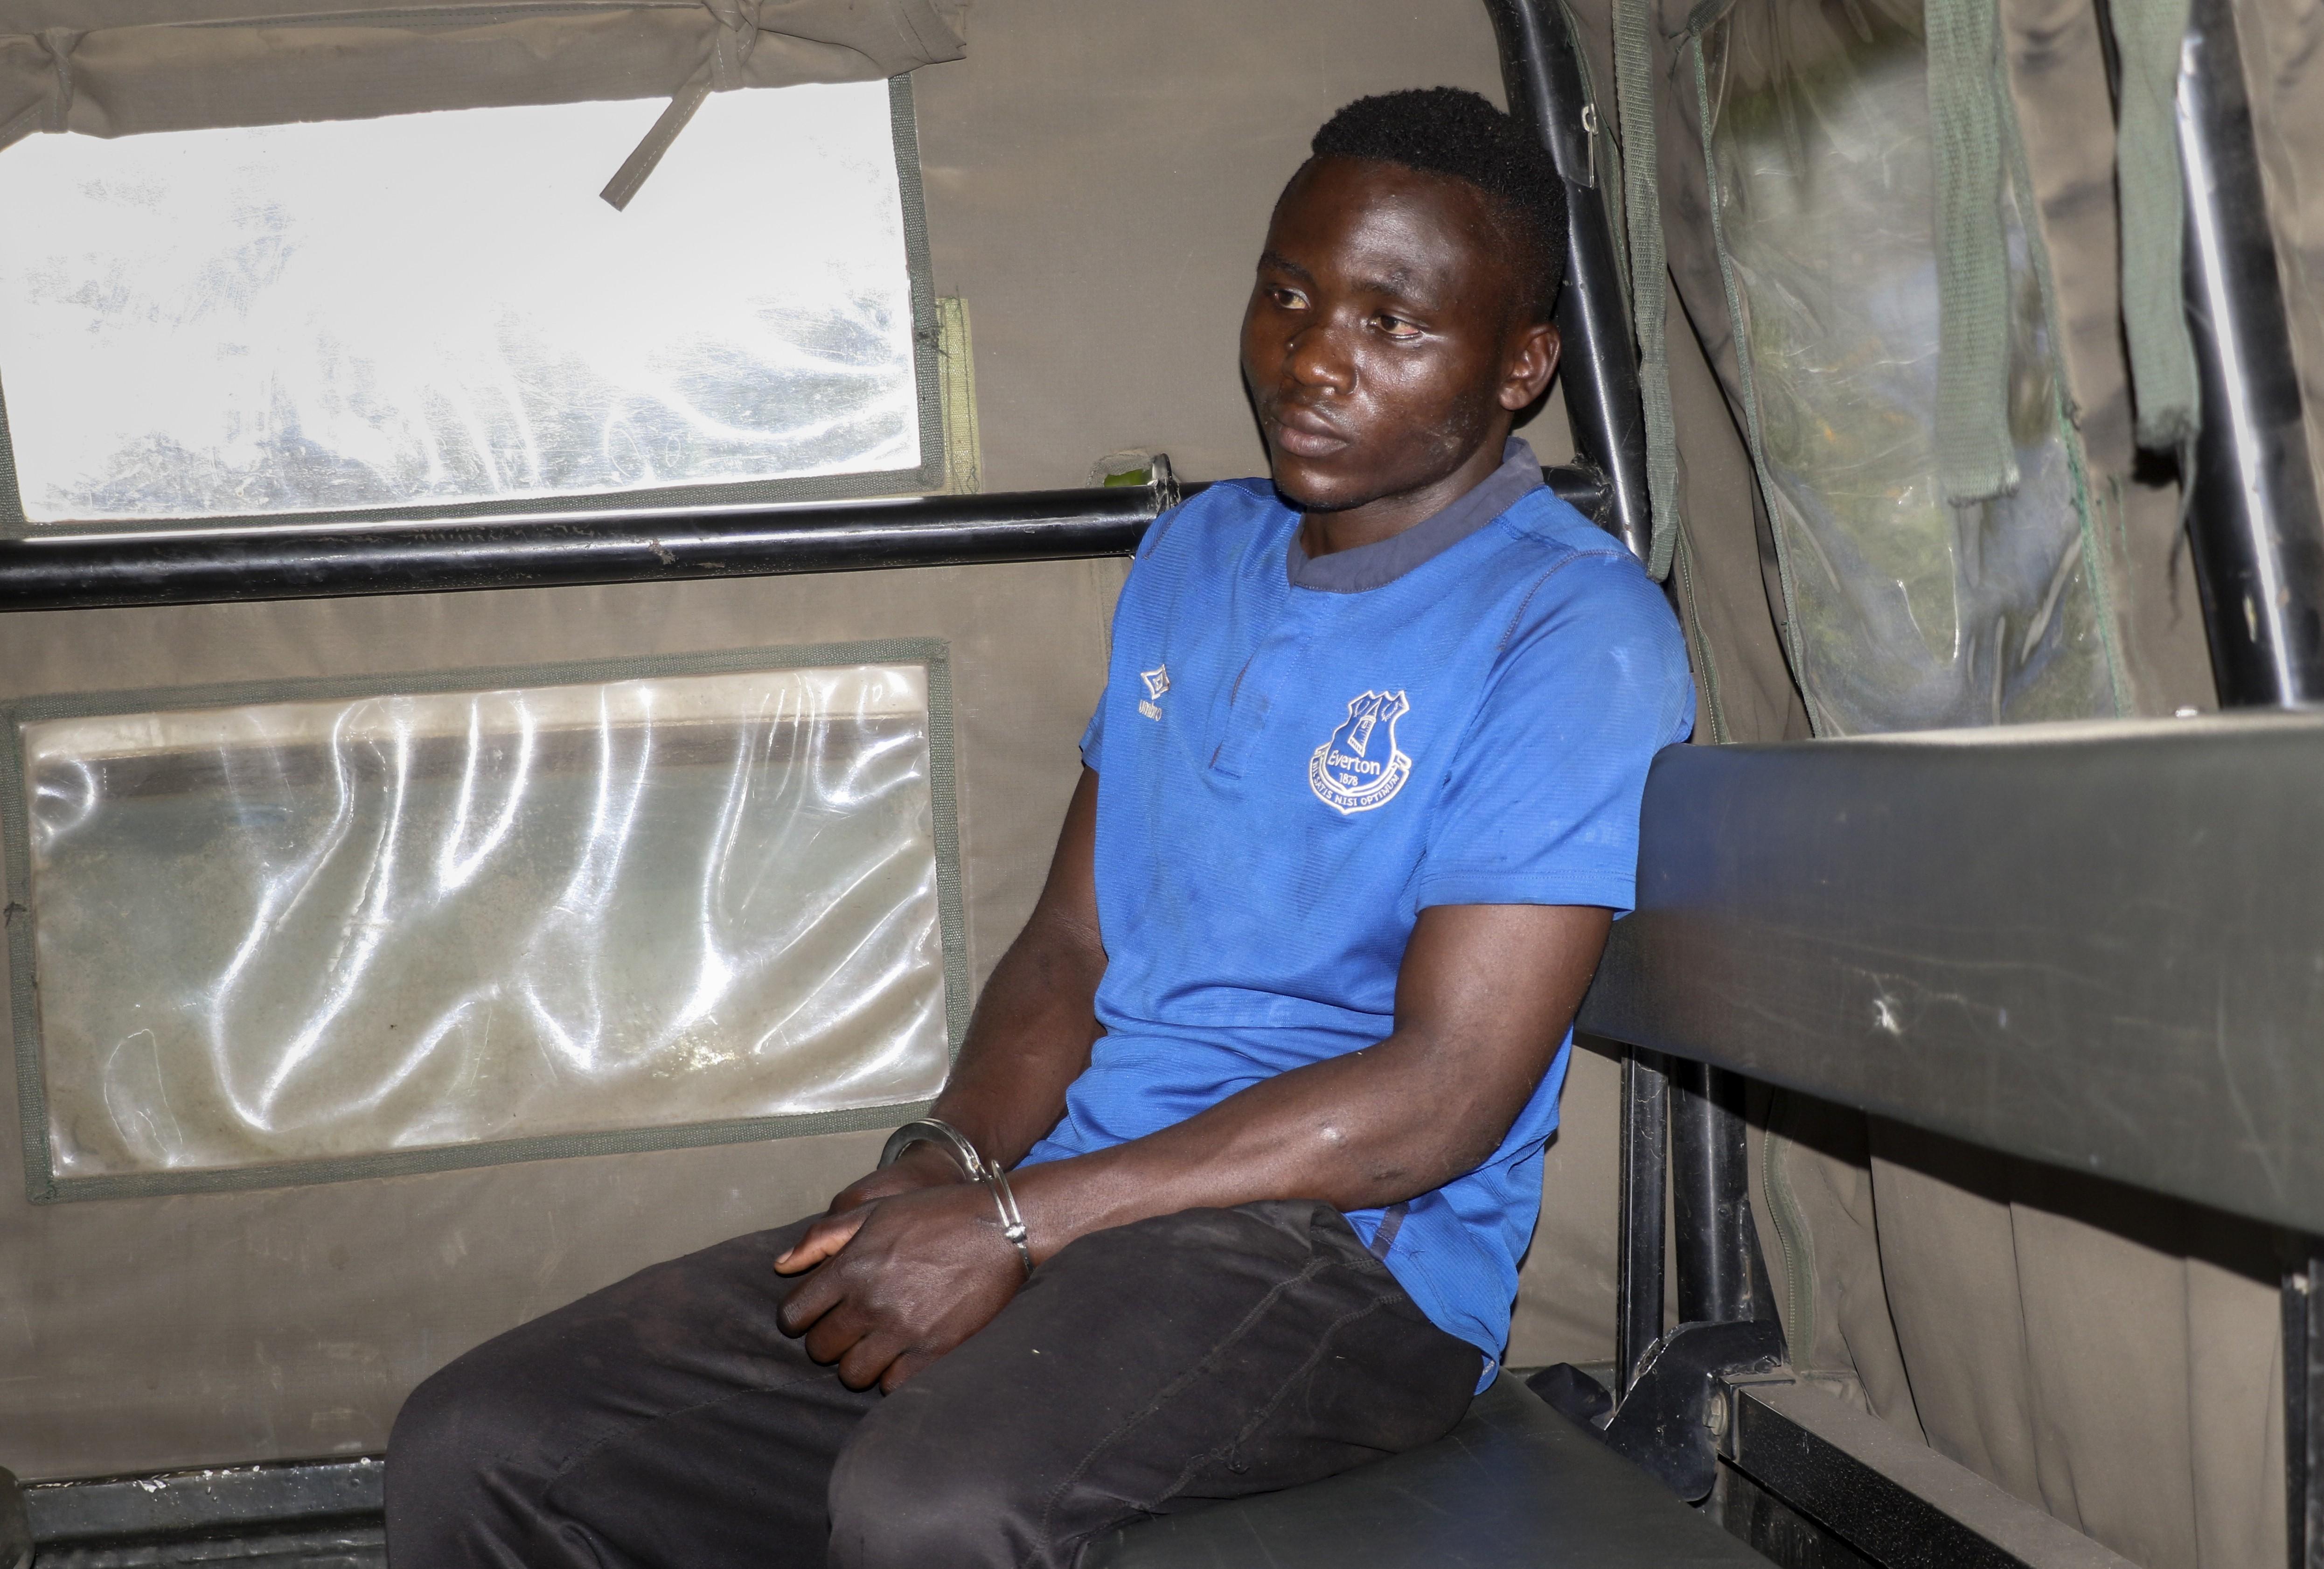 Homem acusado de matar crianças é linchado após fugir de prisão no Quênia